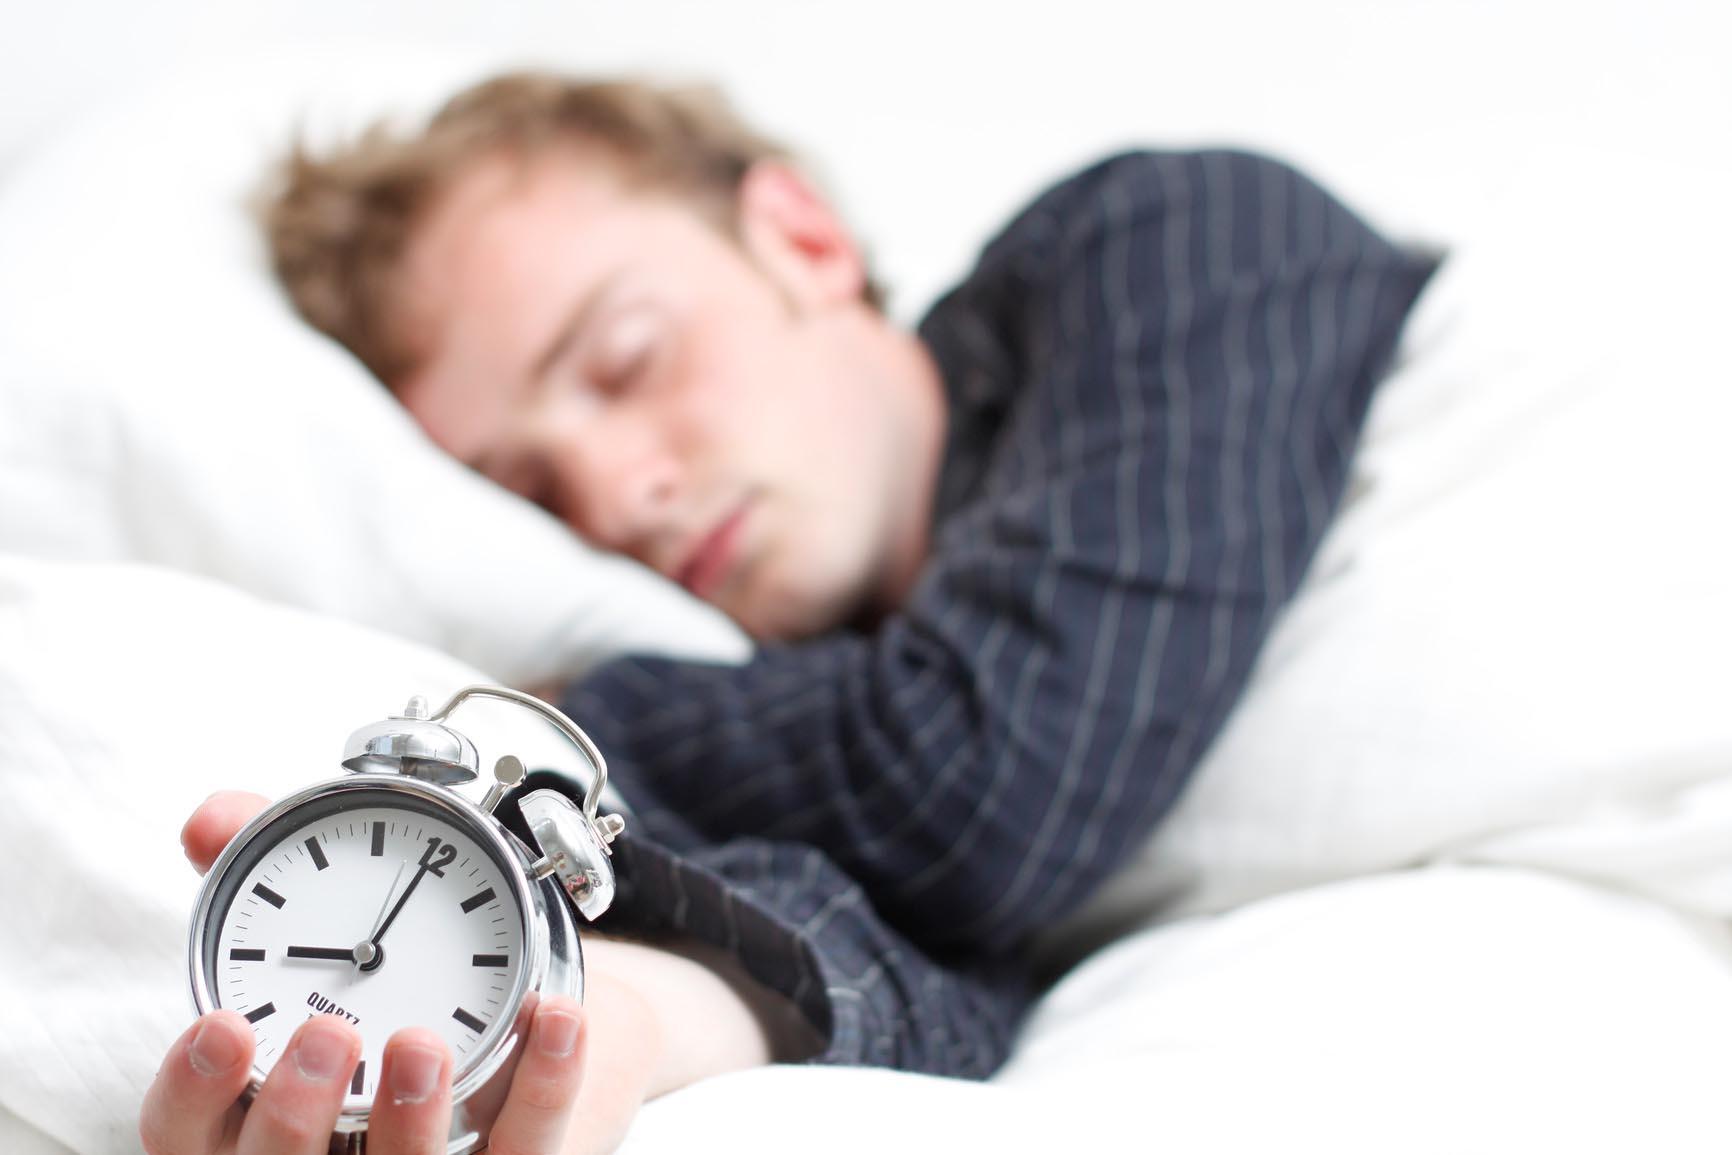 Këto janë 10 këshillat që ju ndihmojnë të çoheni herët në mëngjes